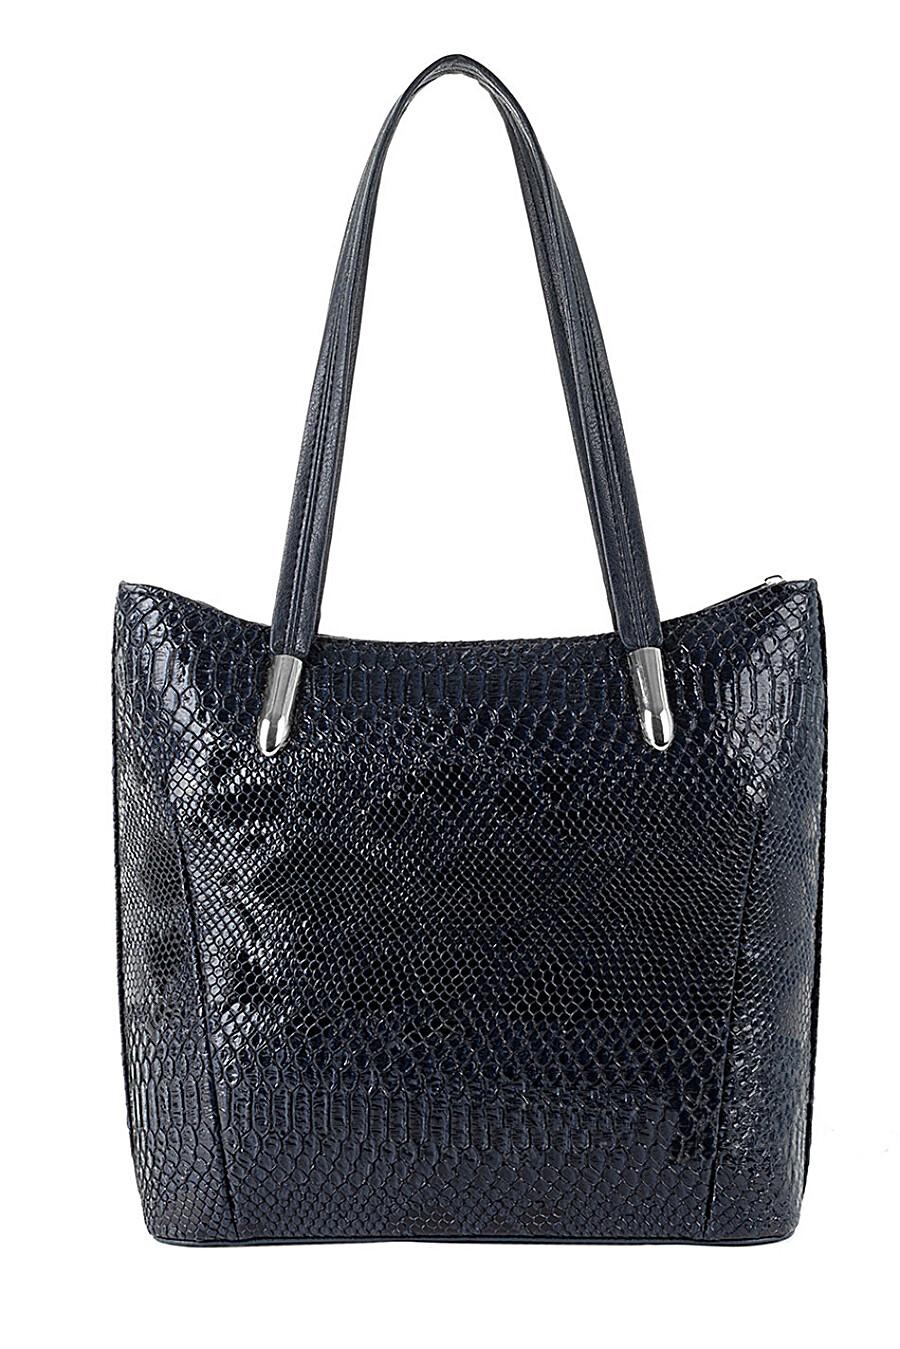 Сумка для женщин L-CRAFT 260360 купить оптом от производителя. Совместная покупка женской одежды в OptMoyo